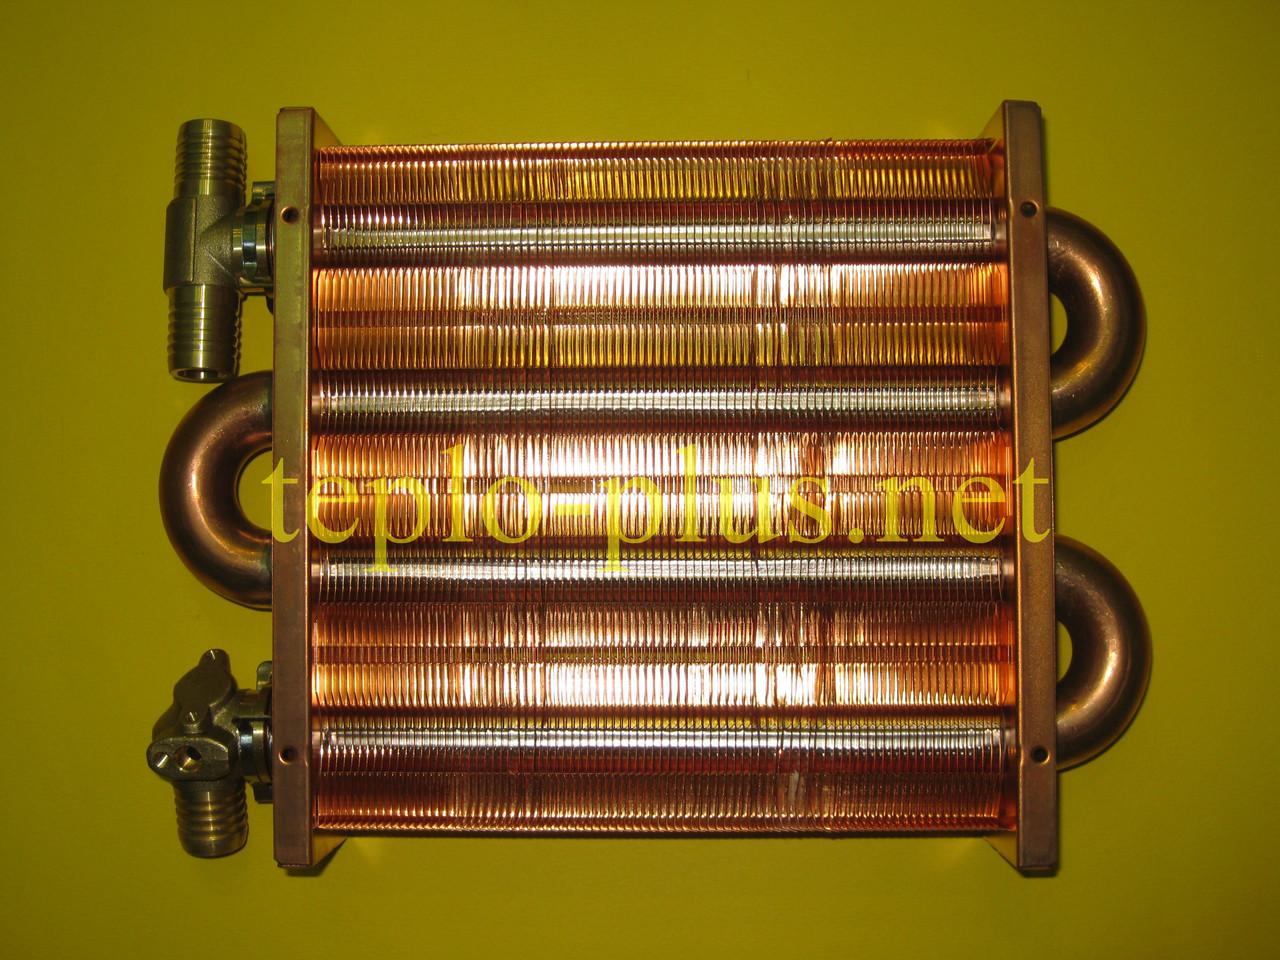 Теплообменник отопления (первичный, основной) 85 Fin Daewoo Gasboiler DGB-130, 160, 200 ICH/MSC